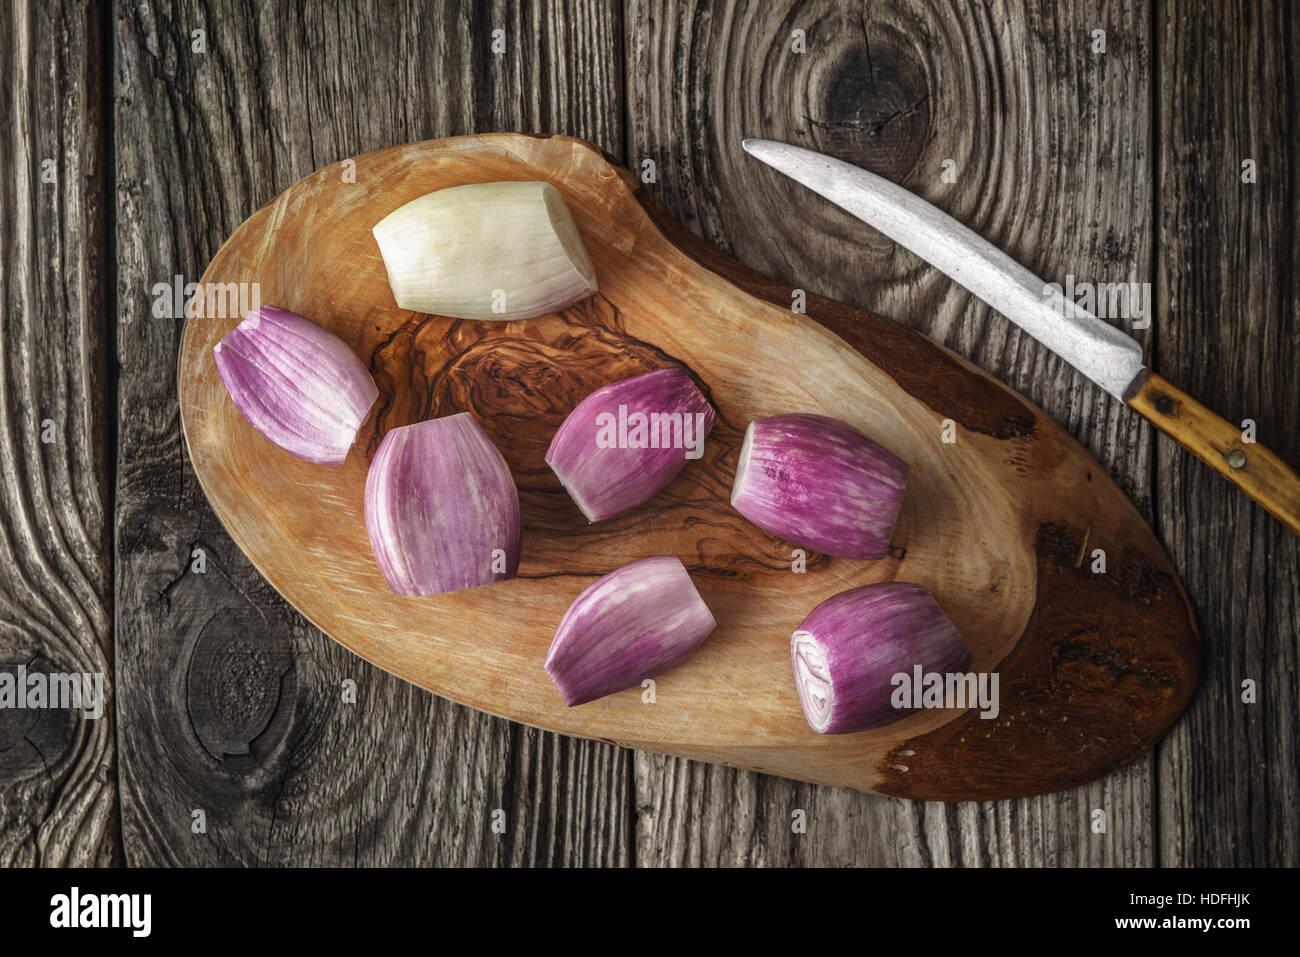 Schalotten auf dem Holzbrett mit Messer-Draufsicht Stockbild